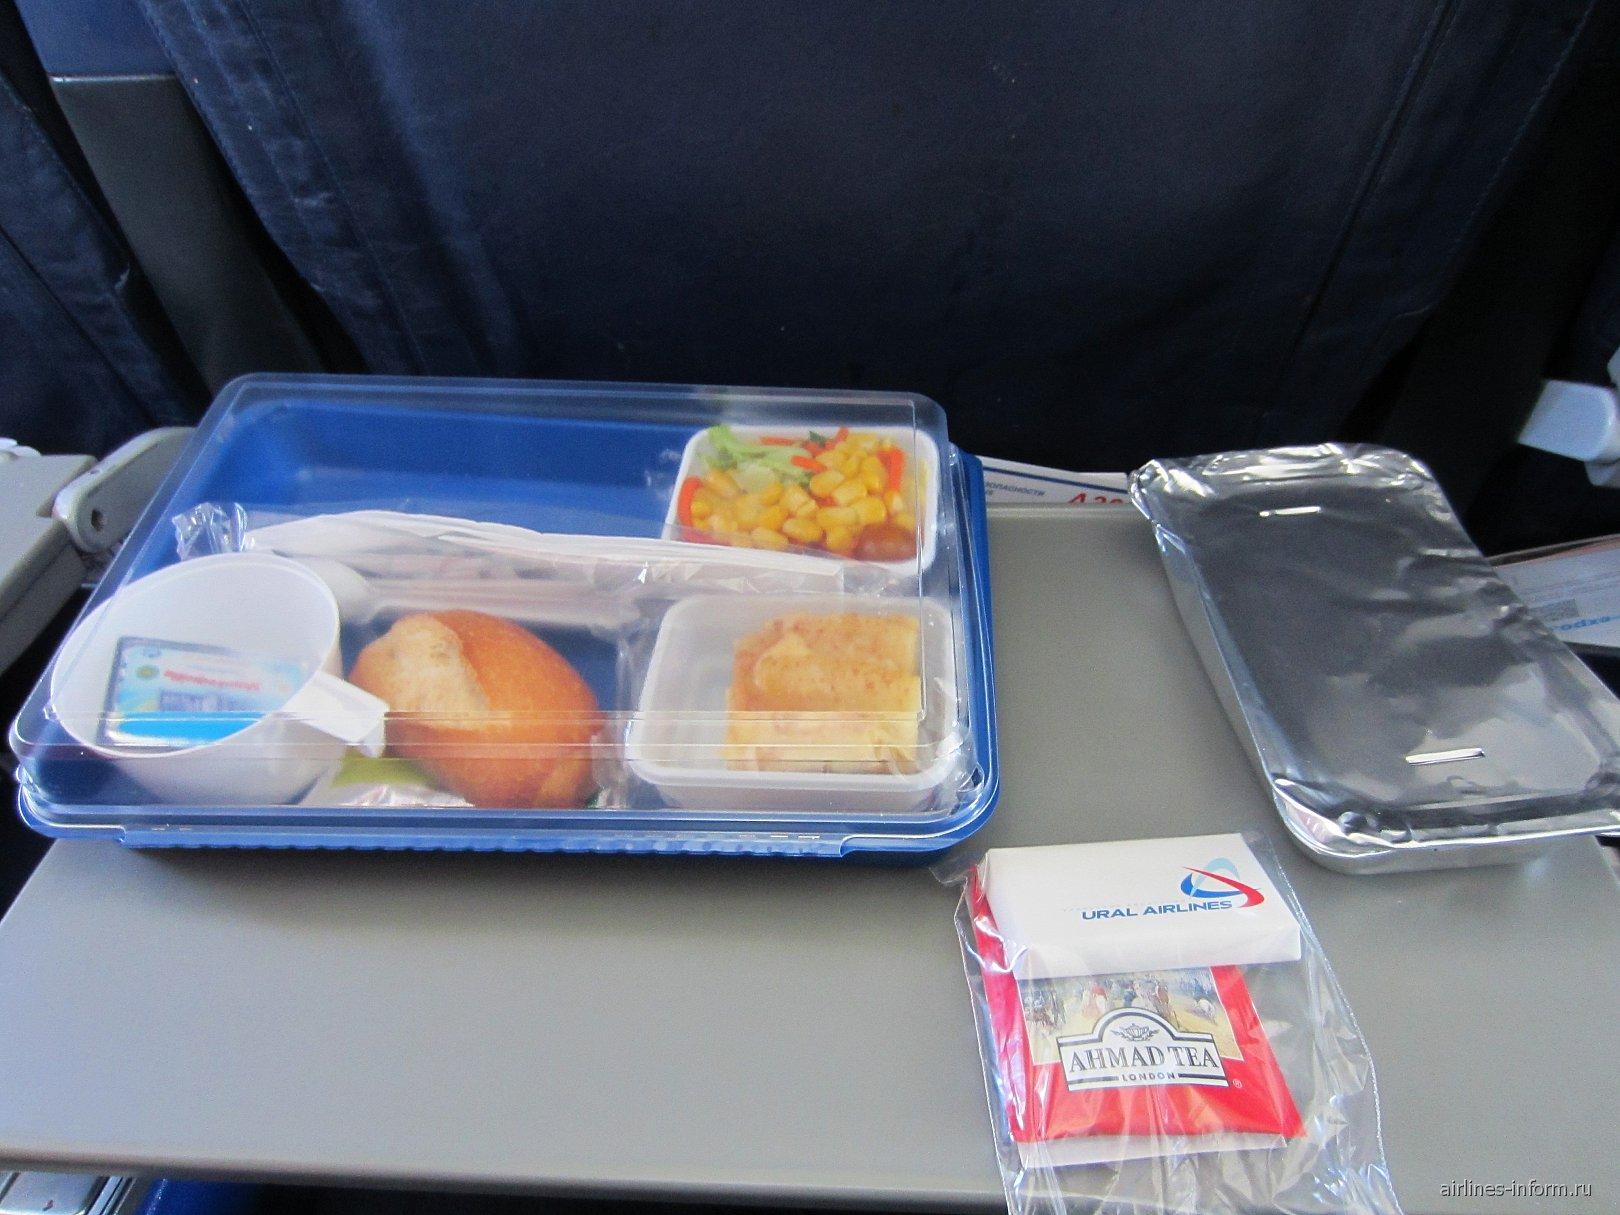 Питание на рейсе Барселона-Екатеринбург авиакомпании Уральские авиалинии